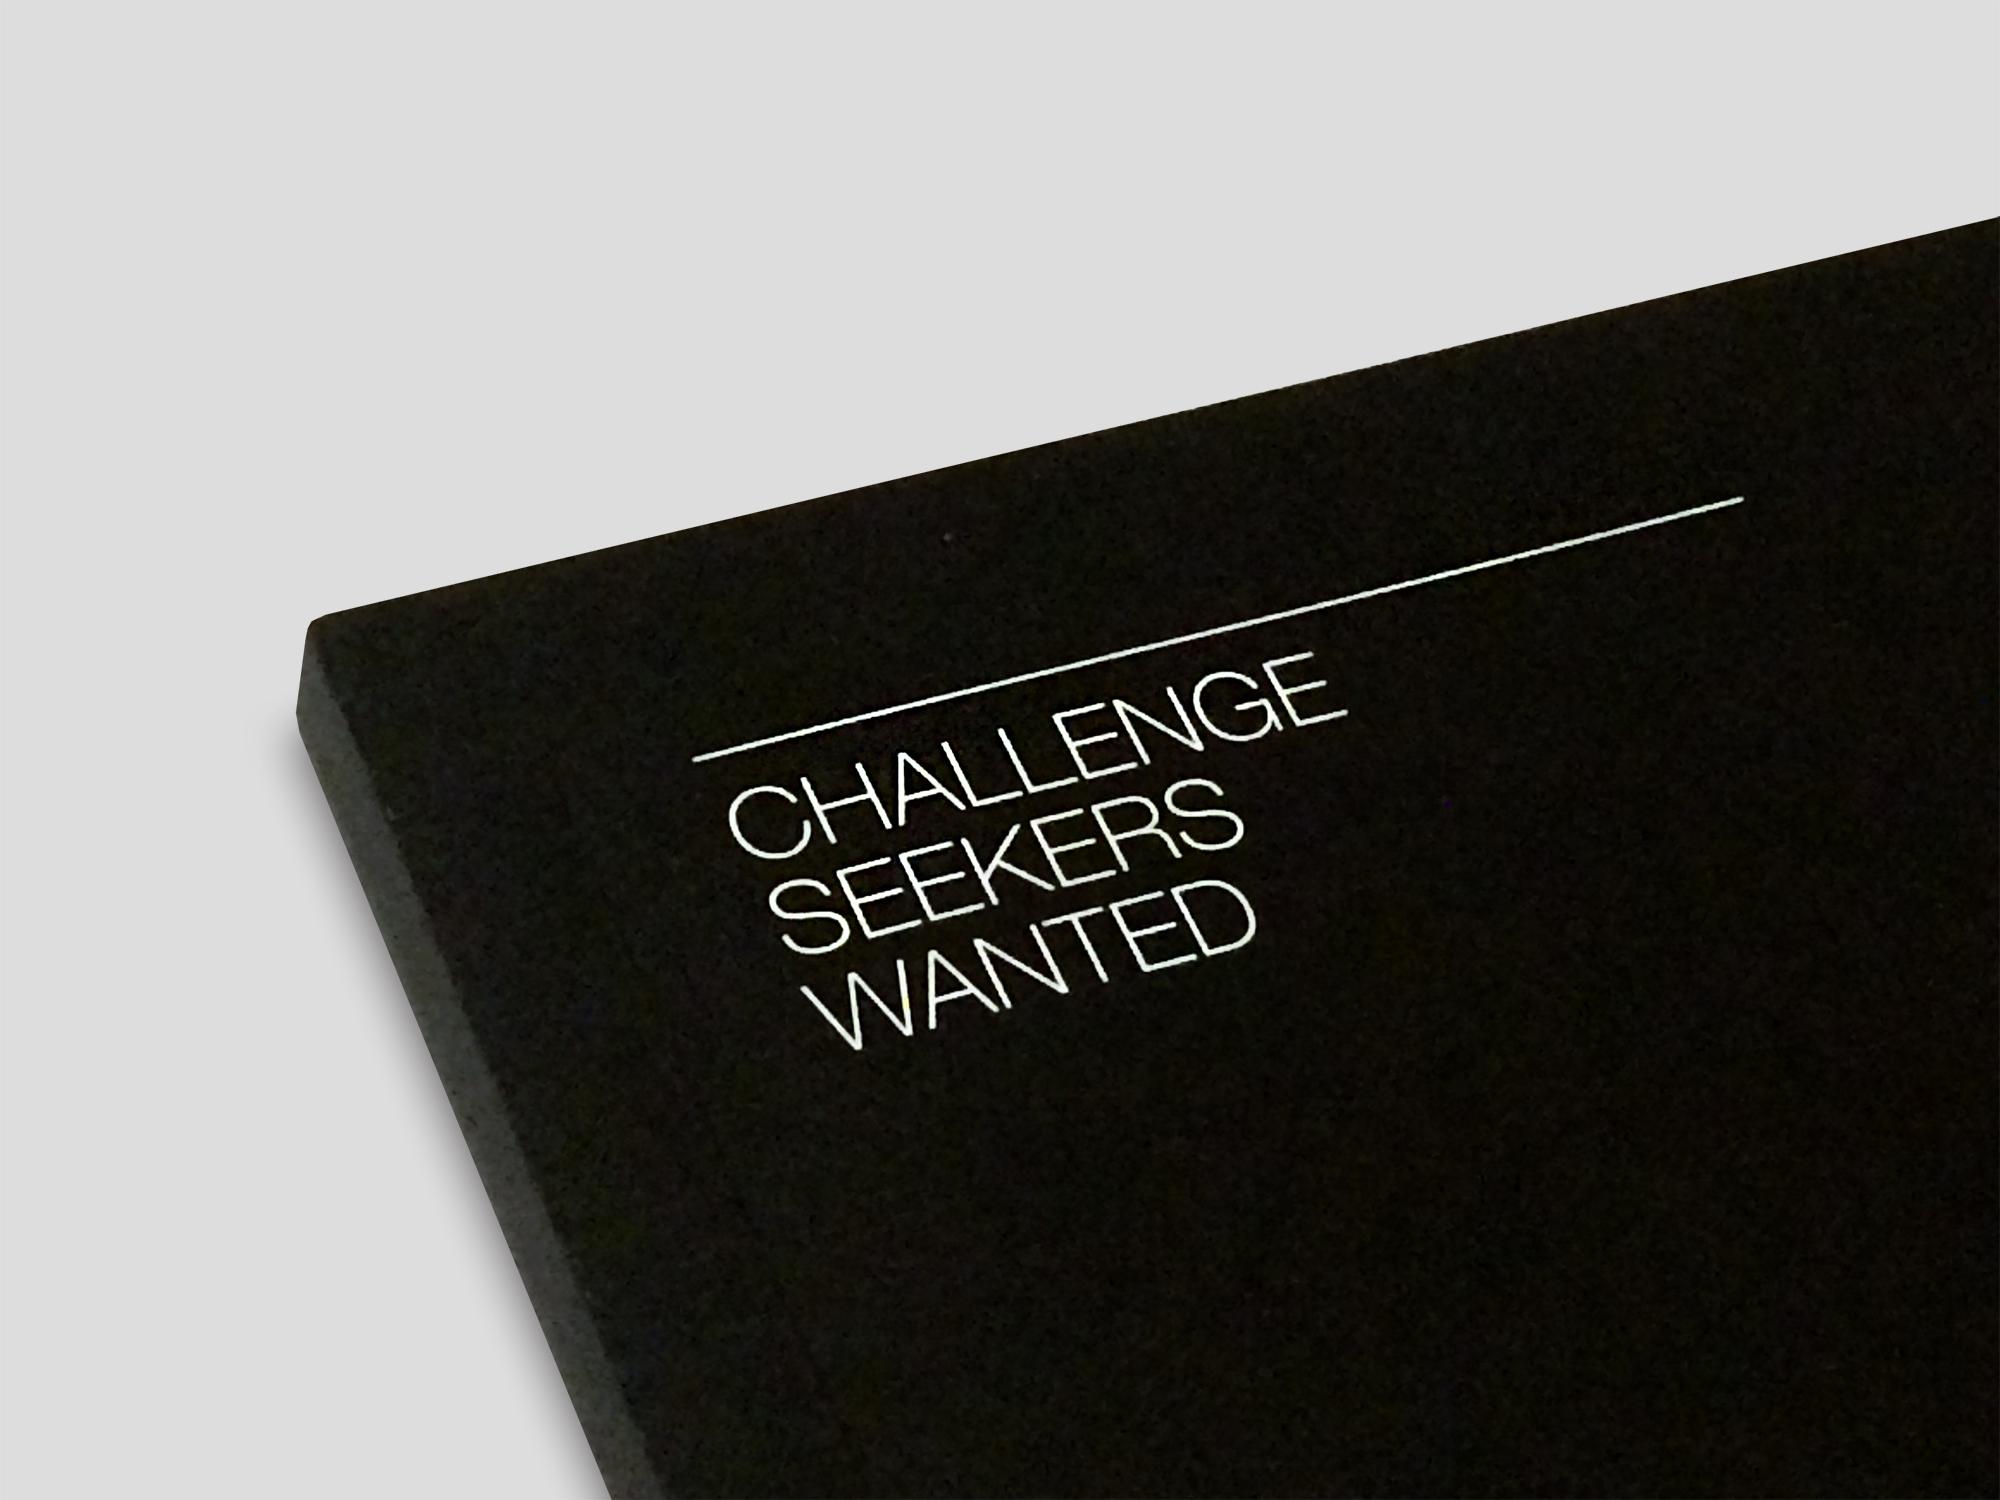 ChallengeSeekers_book1